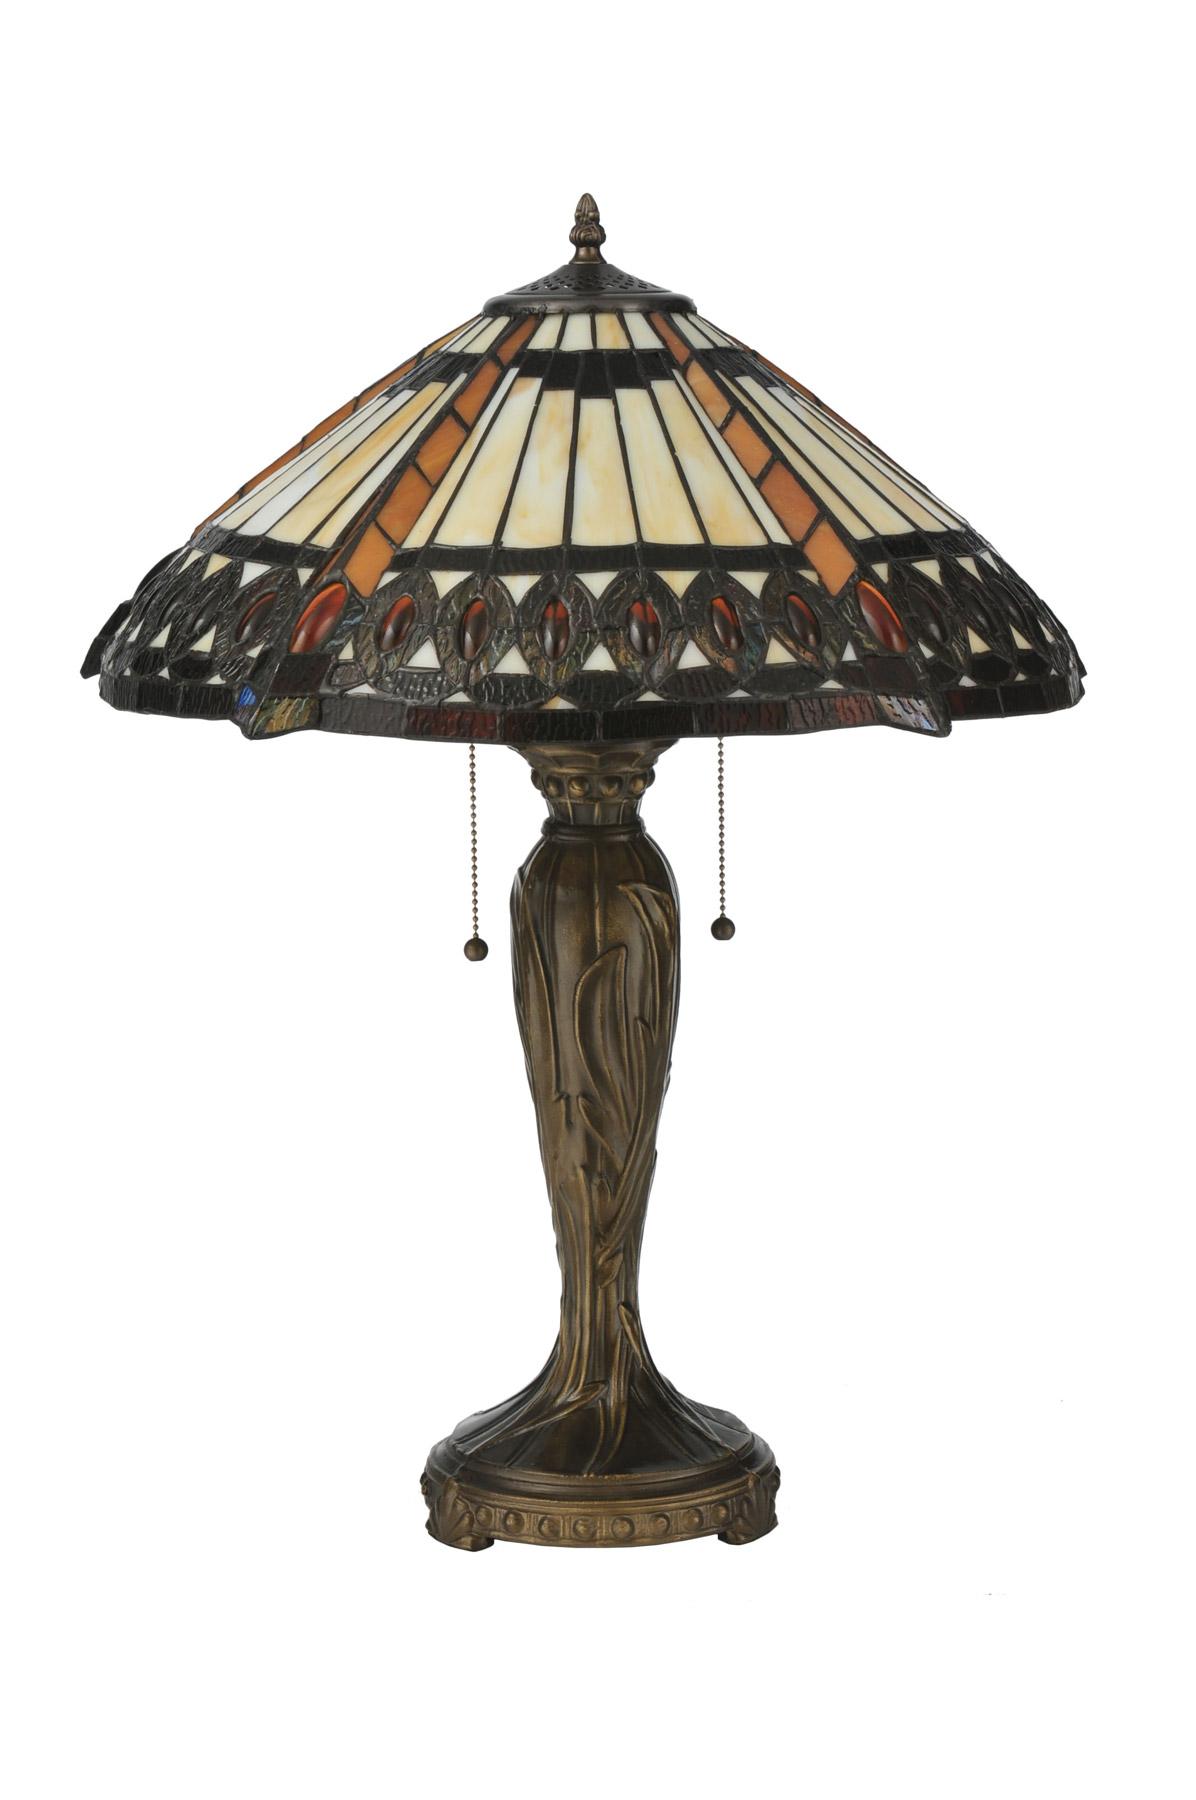 Meyda 119679 Cleopatra Table Lamp